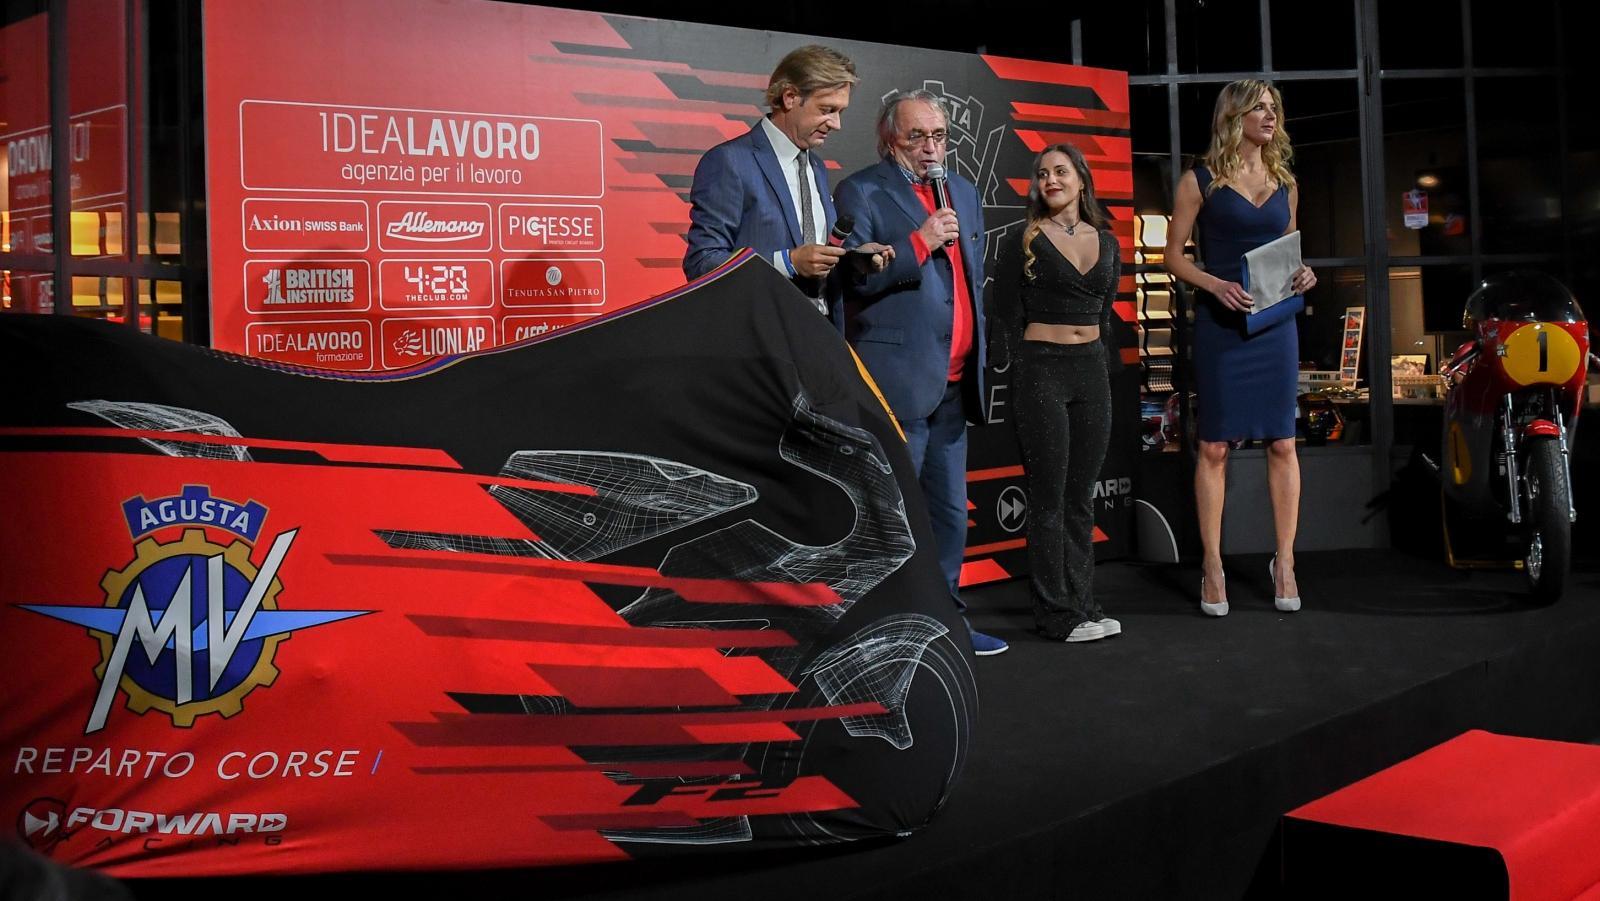 MV Agusta desvela la moto con la que vuelve al Mundial en 2019 tras 42 años